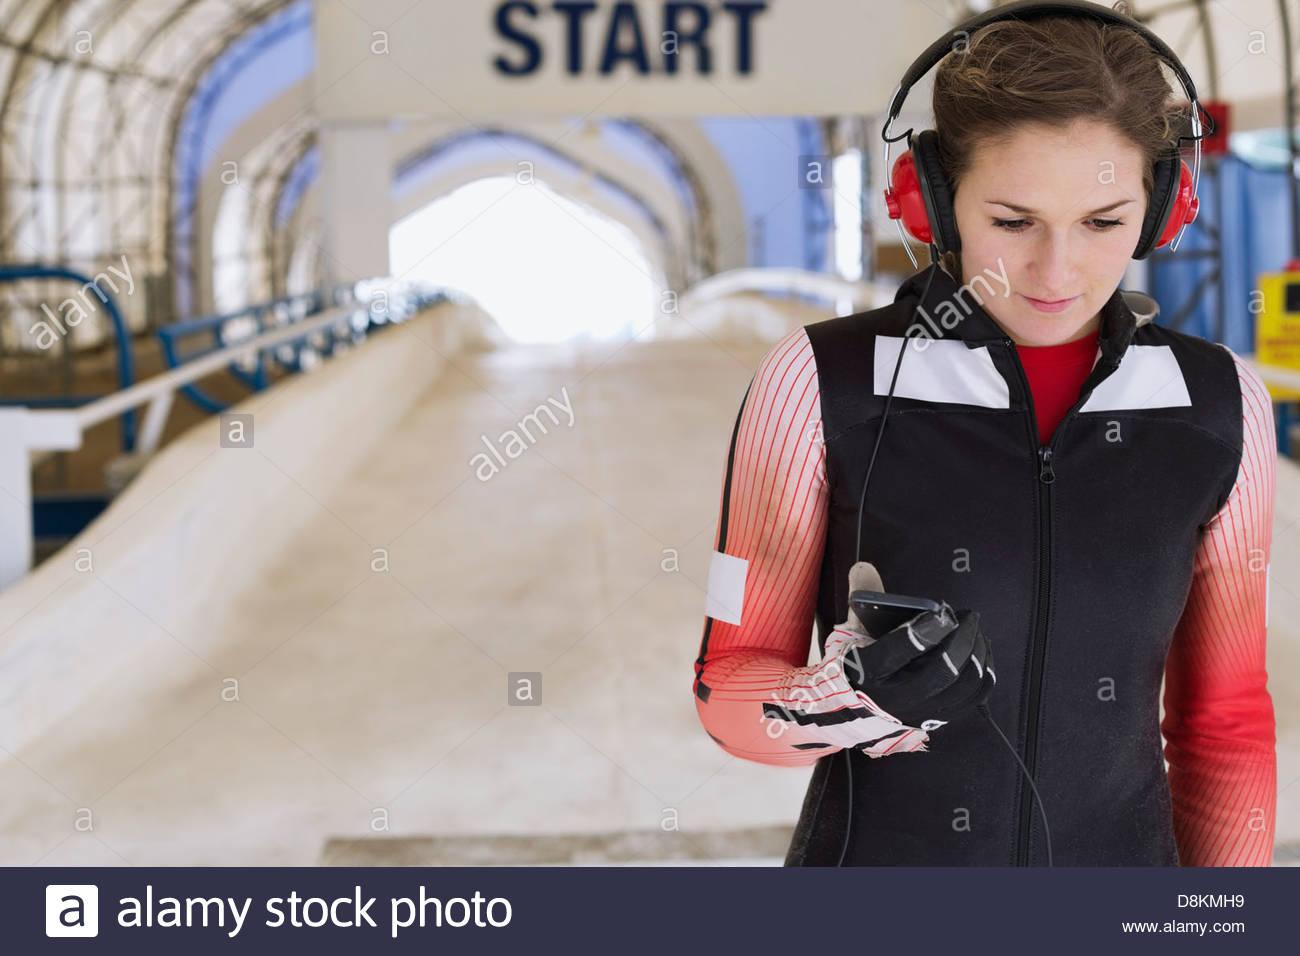 La préparation de l'athlète féminine de la course de skeleton Photo Stock